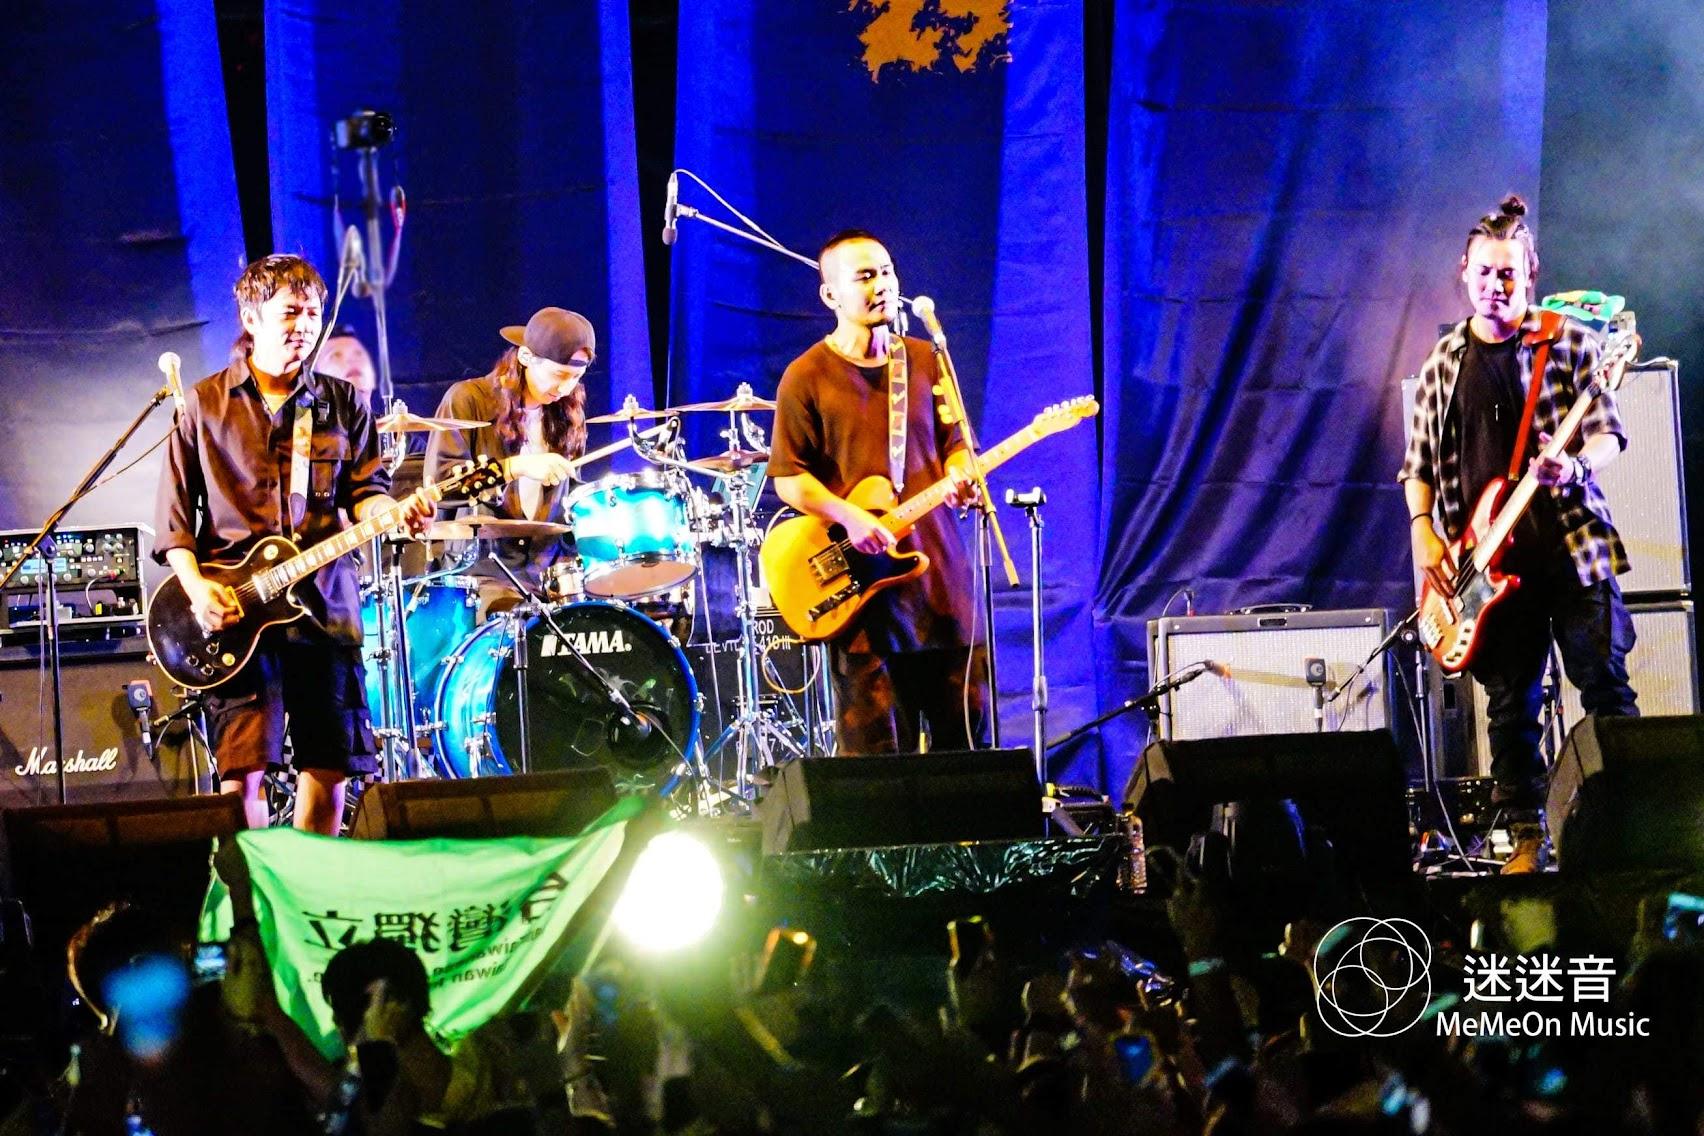 【迷迷現場】 2019 火球祭 滅火器 「想要證明台灣可以有一流的音樂祭、一流的觀眾!」